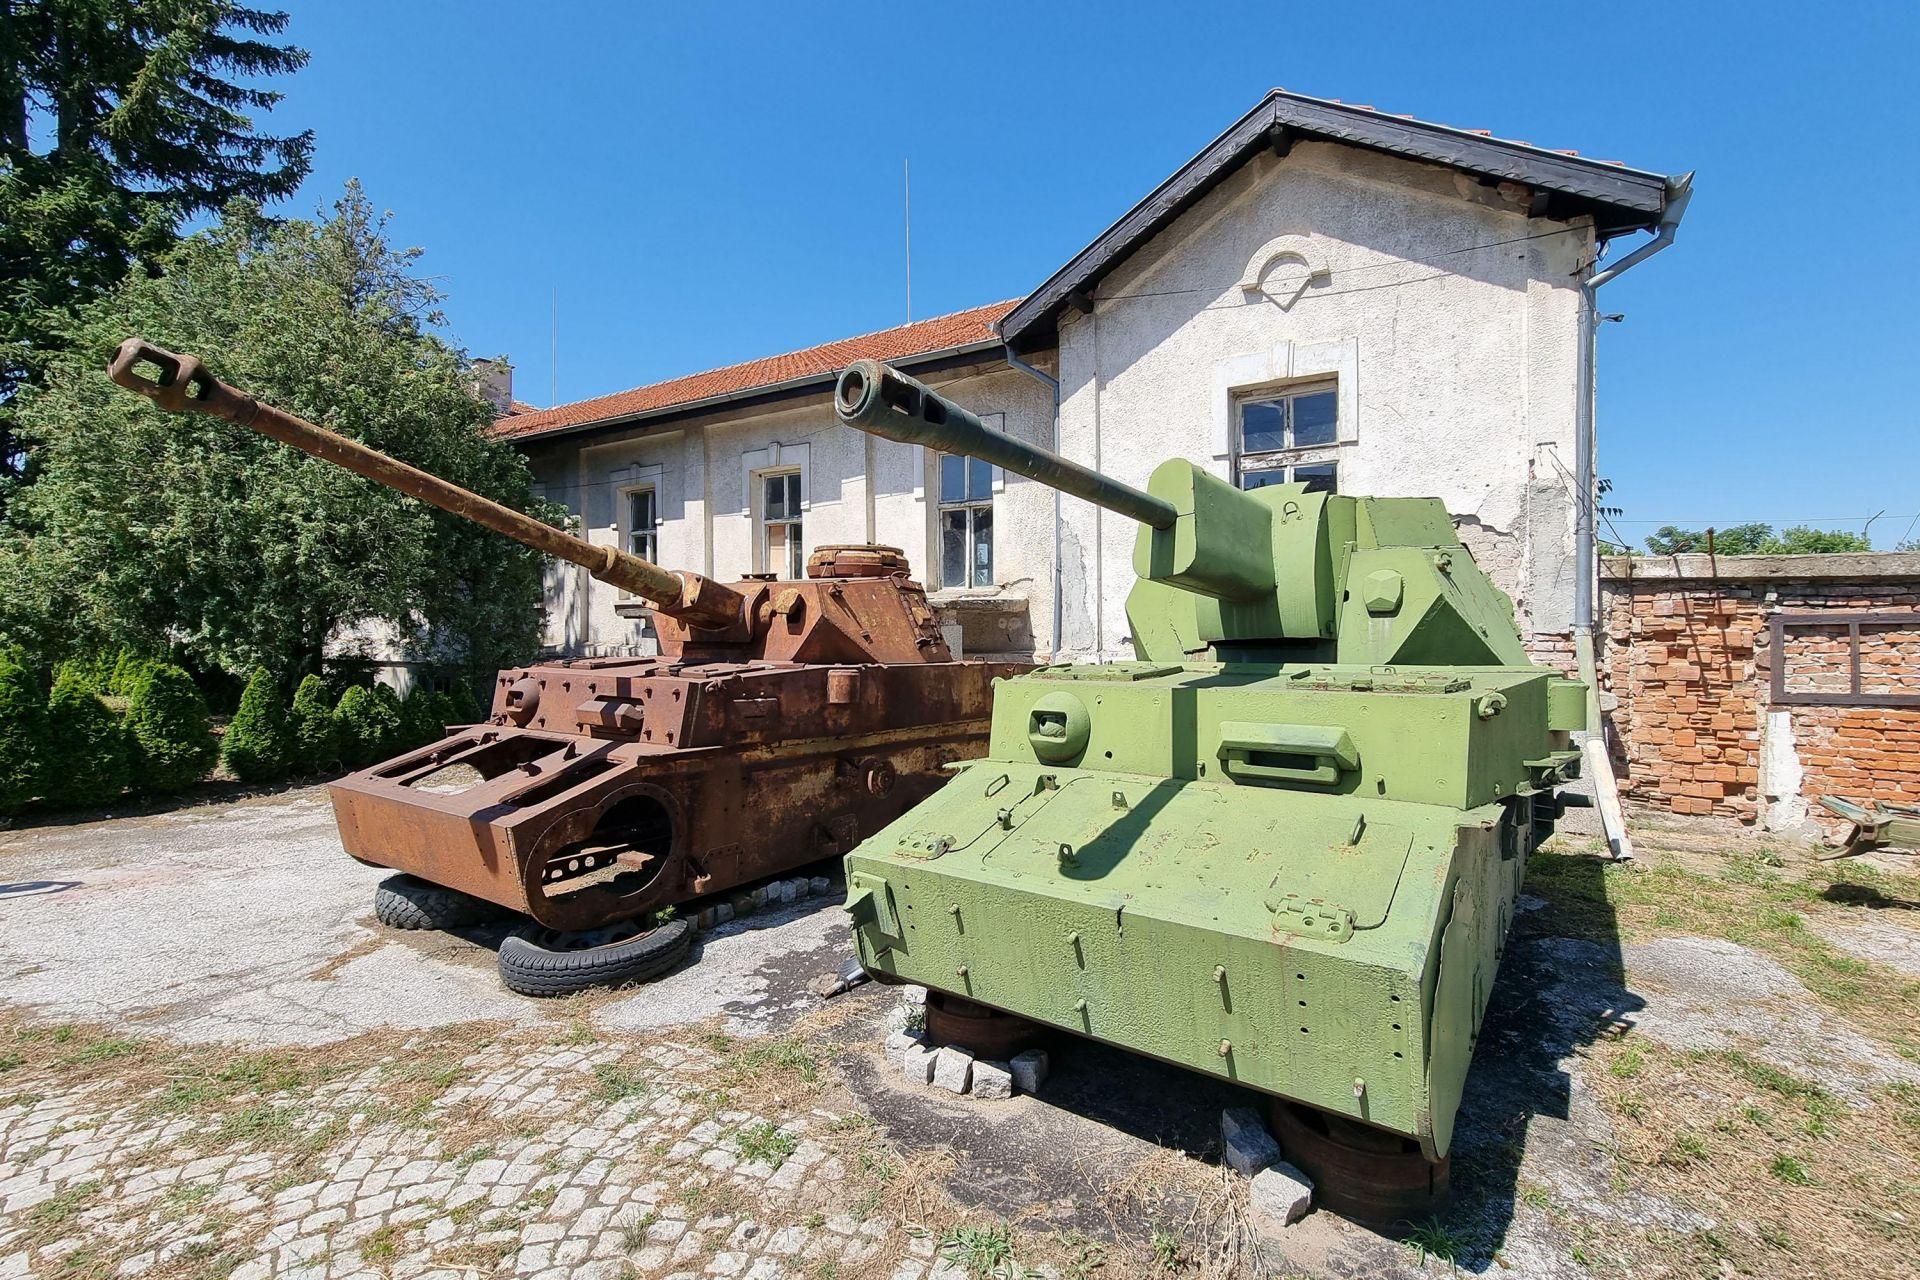 Два модела пред реставрация на среден танк Панцер 4 /Panzer IV/, на купола на десния е монтирано съветско оръдие ЗиС-3